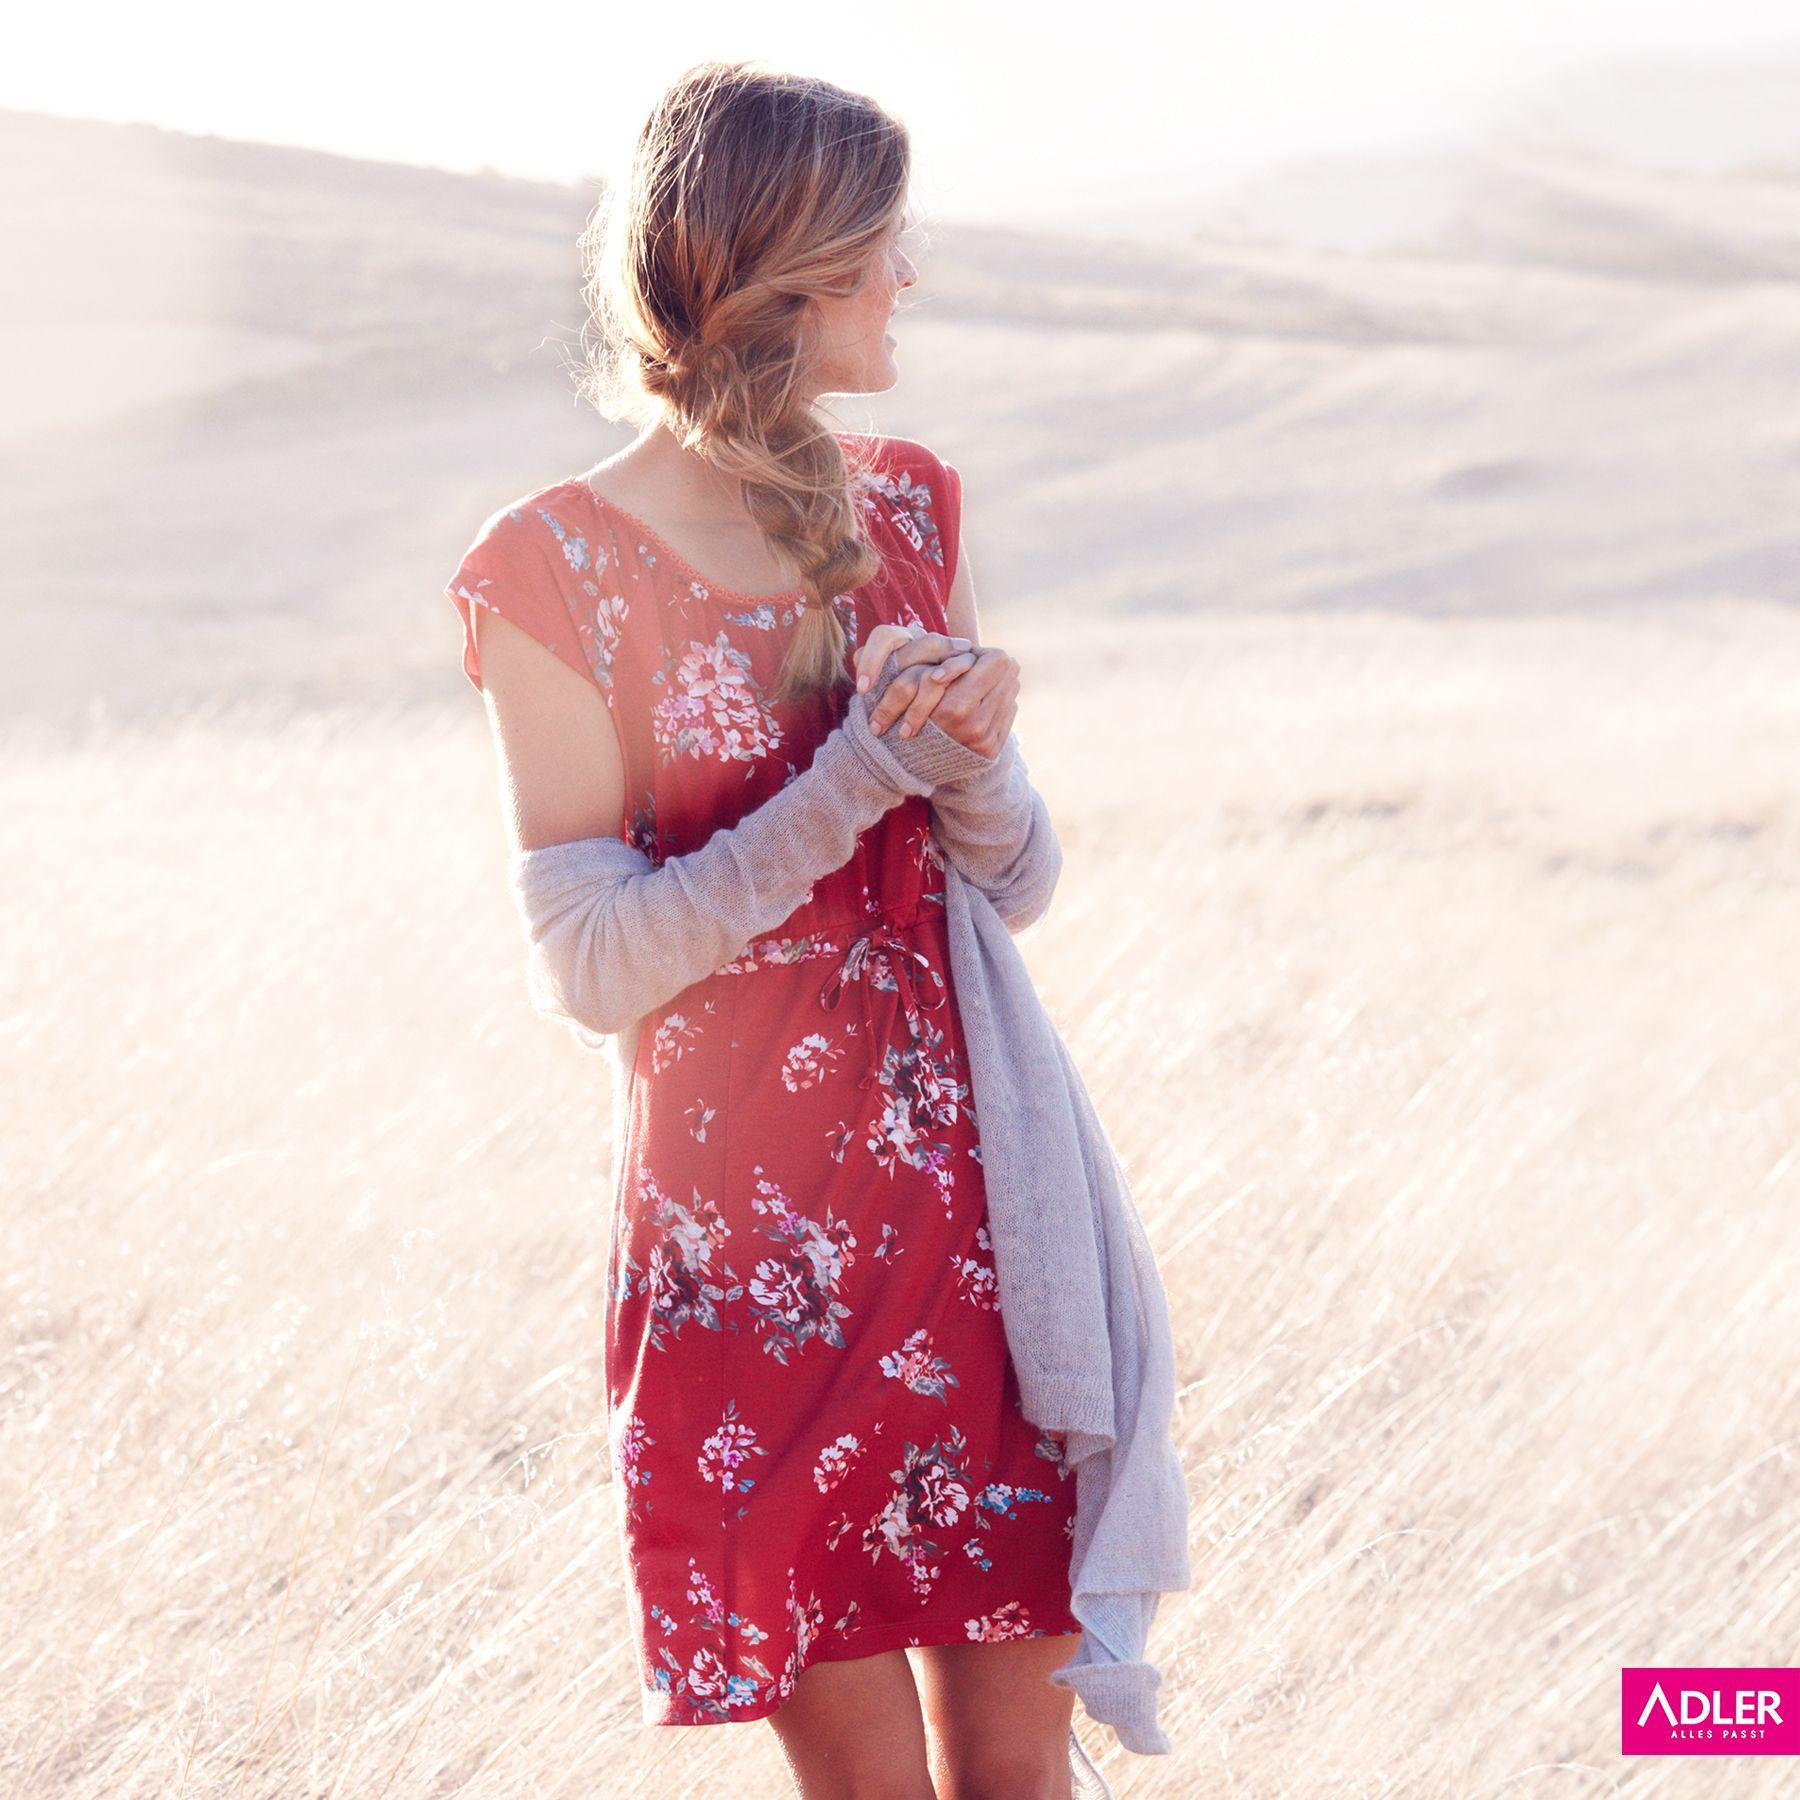 Romantisches Sommerkleid My Own Adler Summer Time Adler Adlermode Summertime Dress Summer Damen Kleider Festlich Kleider Damen Kleid Mit Armel